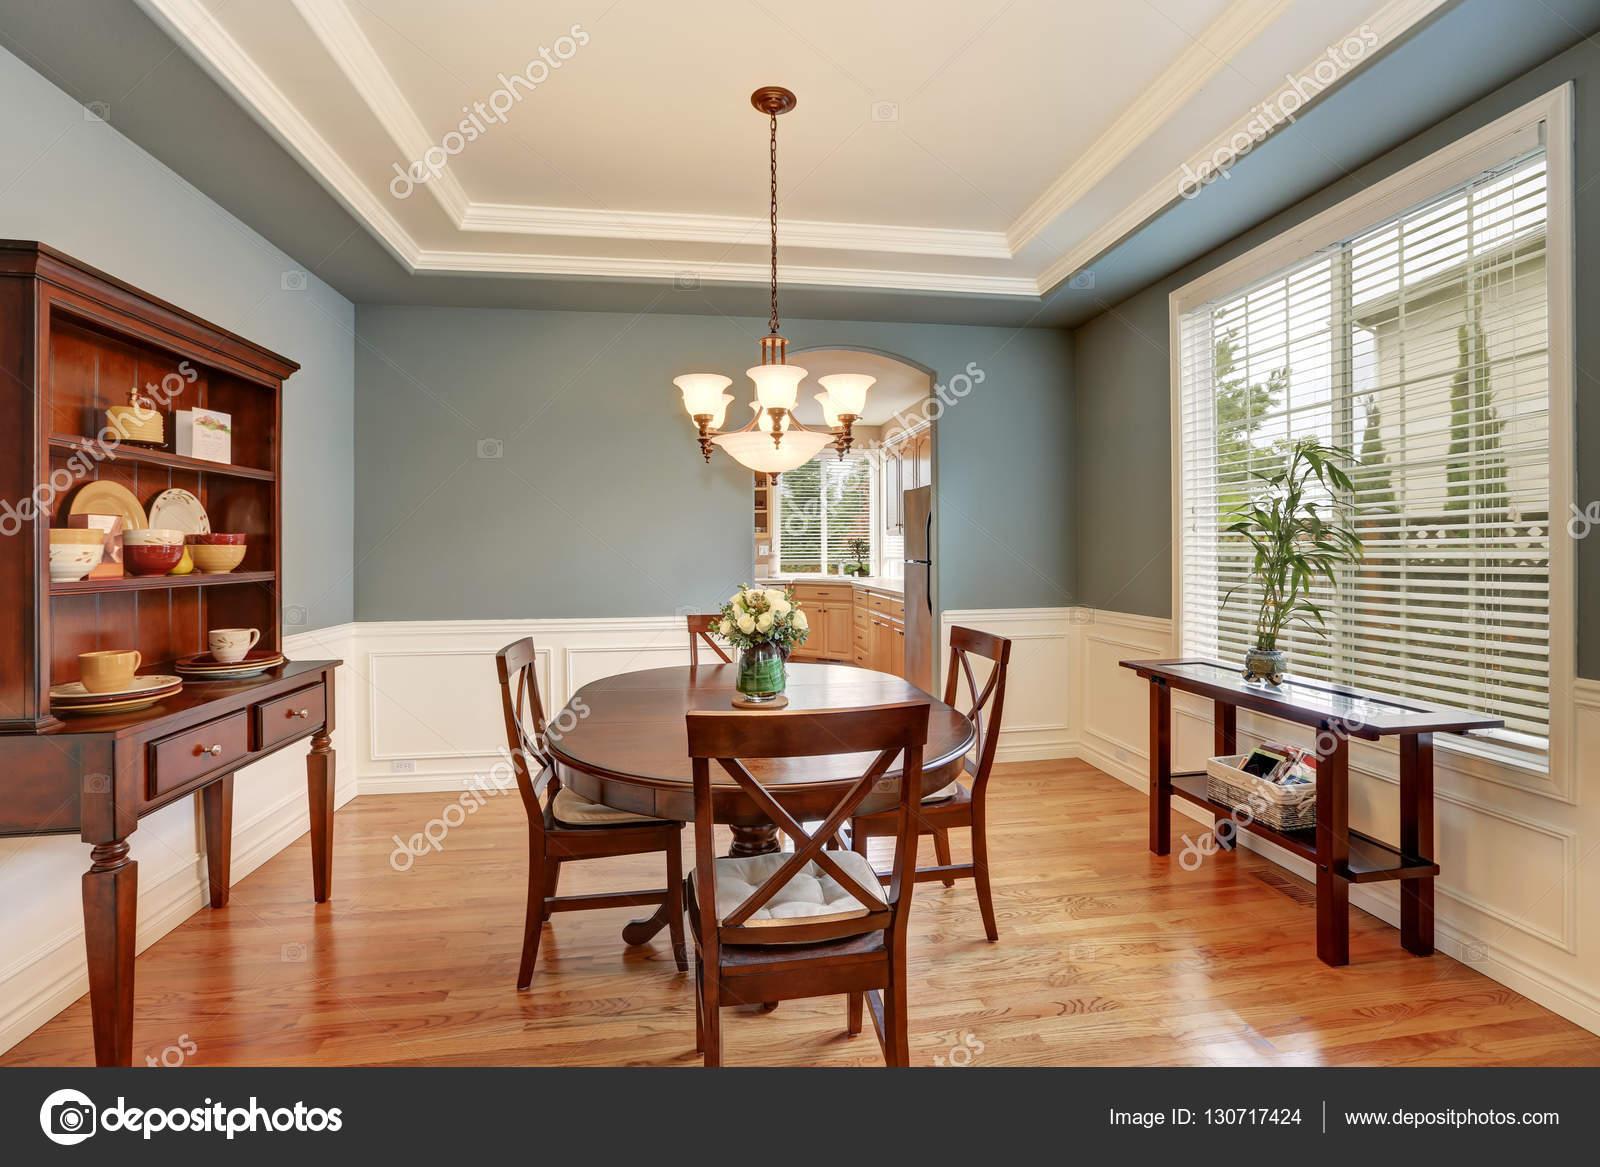 Sala da pranzo classica americana interno con le pareti verdi foto stock iriana88w 130717424 - Sala da pranzo classica ...